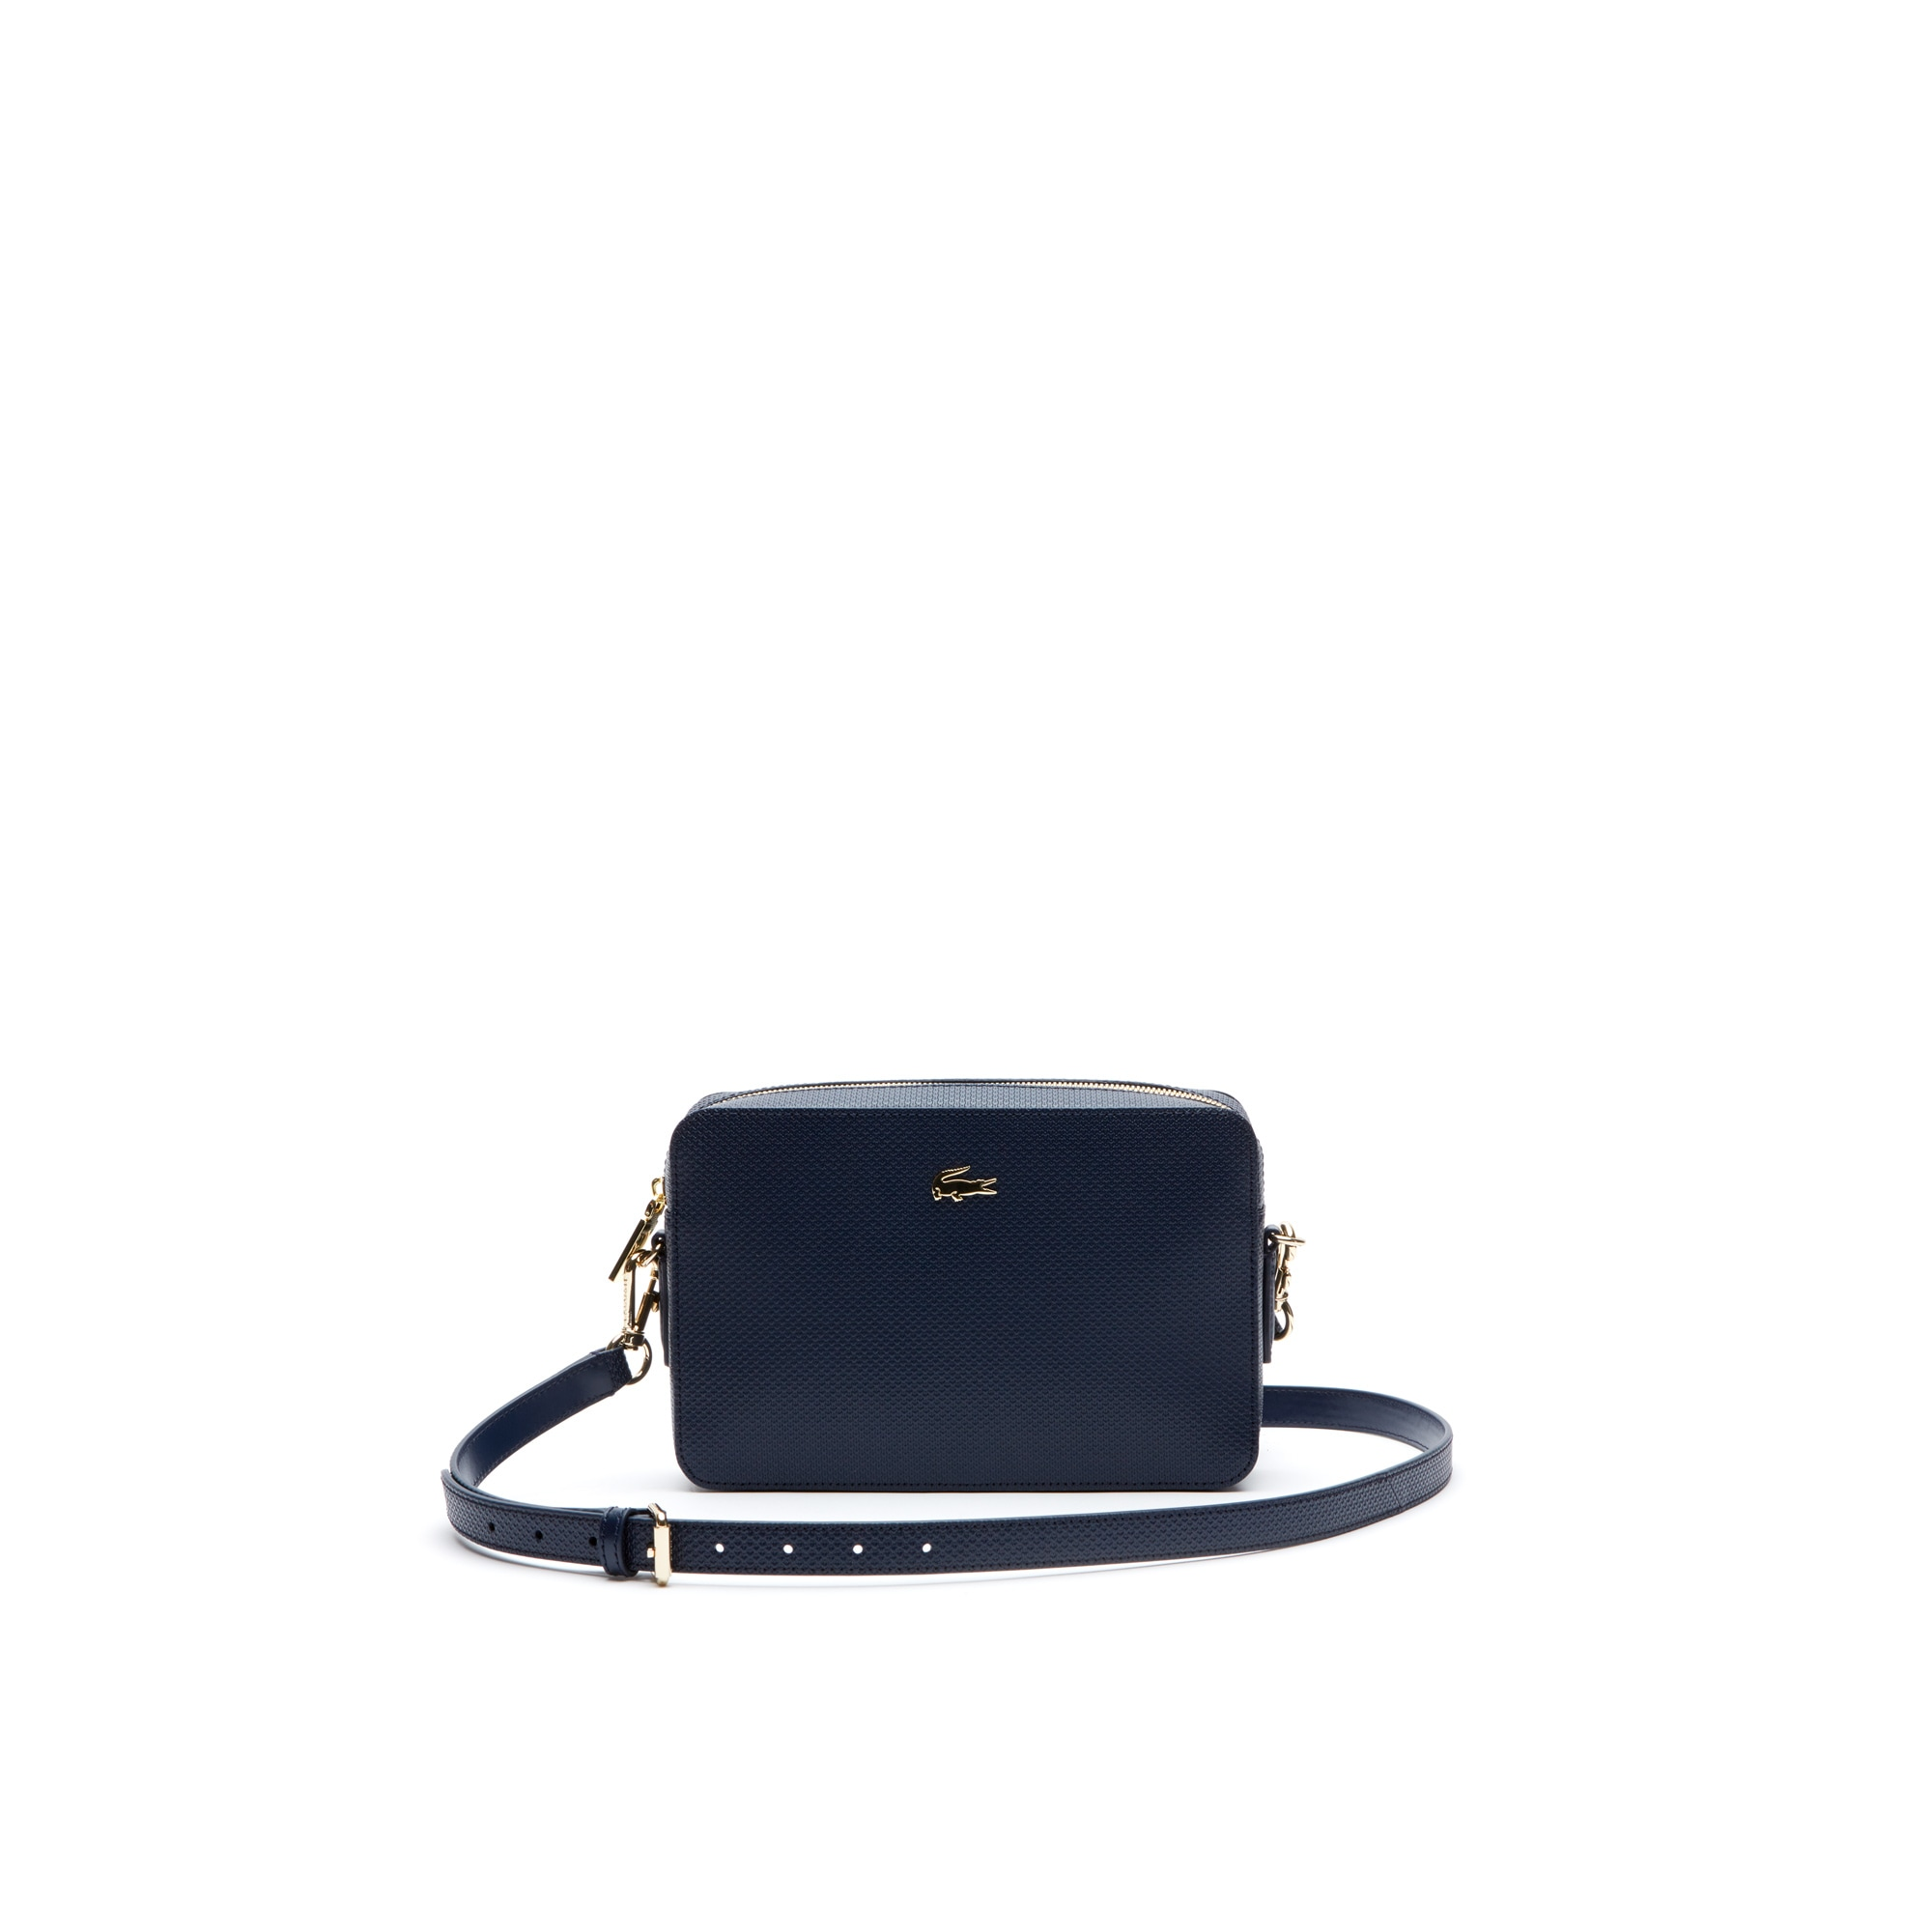 Women's Chantaco Piqué Leather Square Shoulder Bag